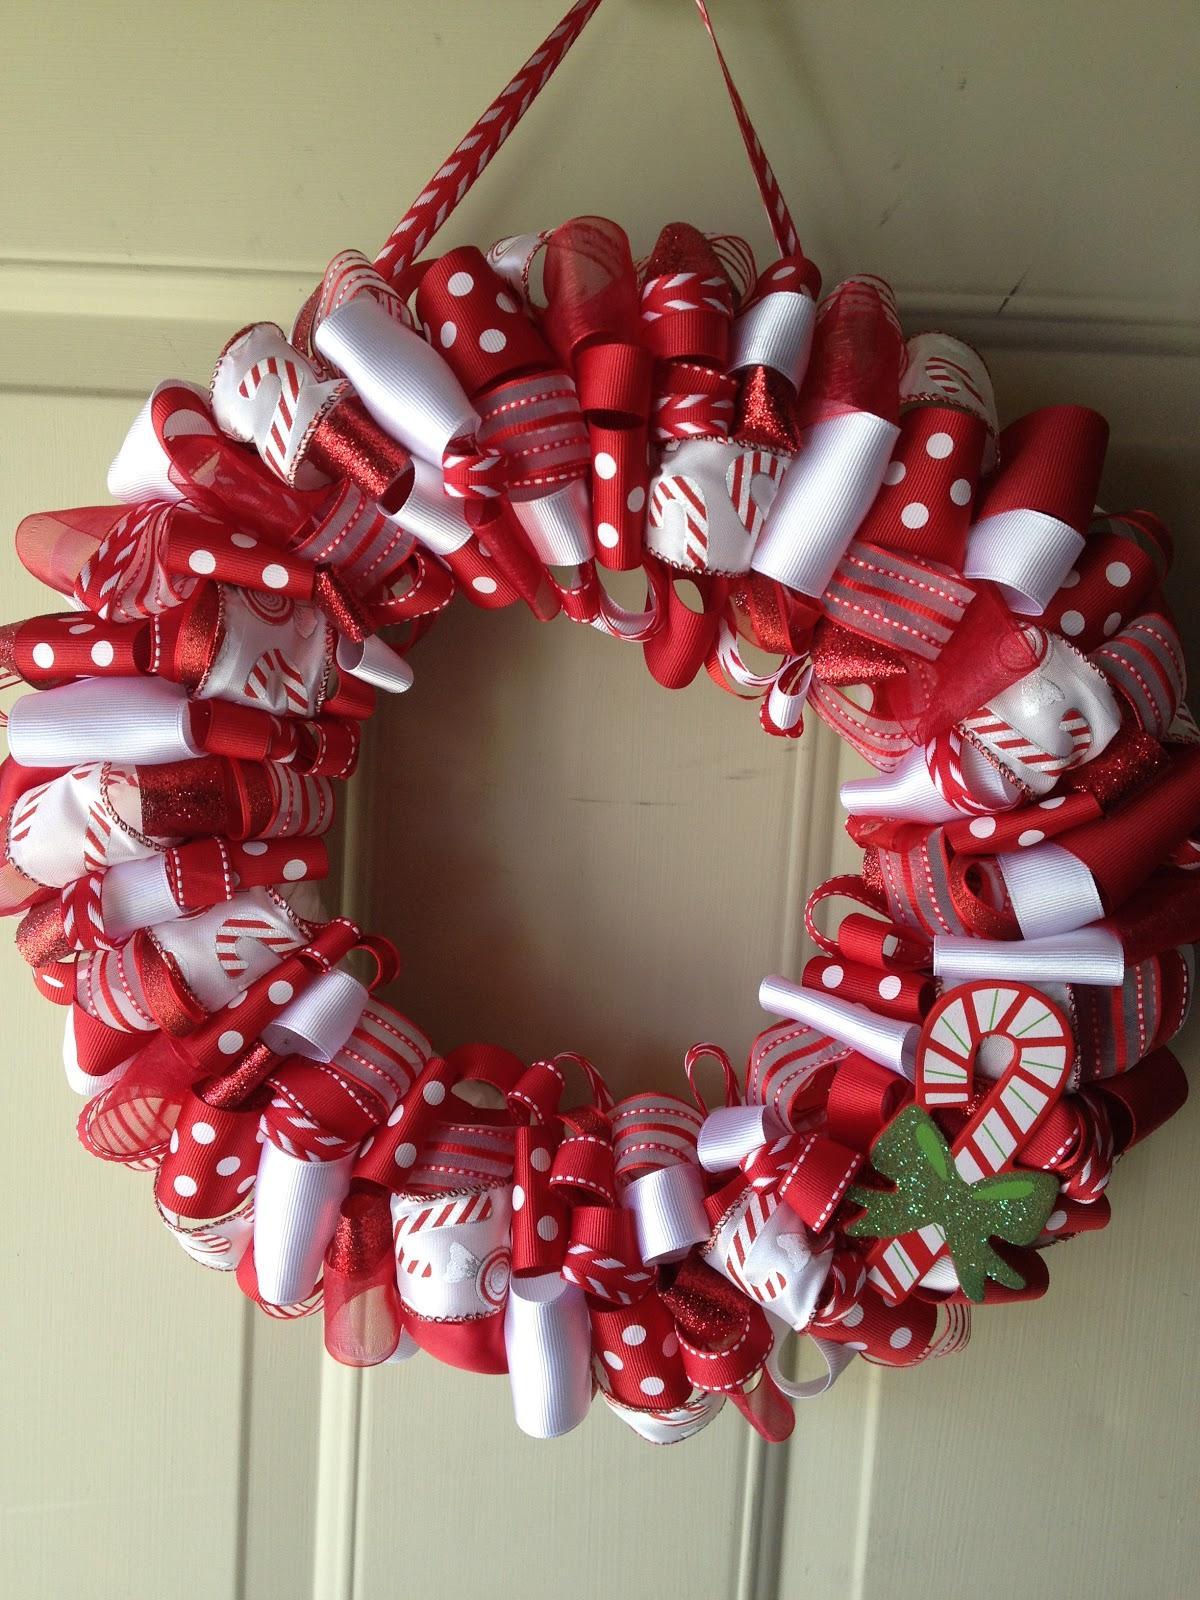 Candy Cane Christmas Wreath Idea